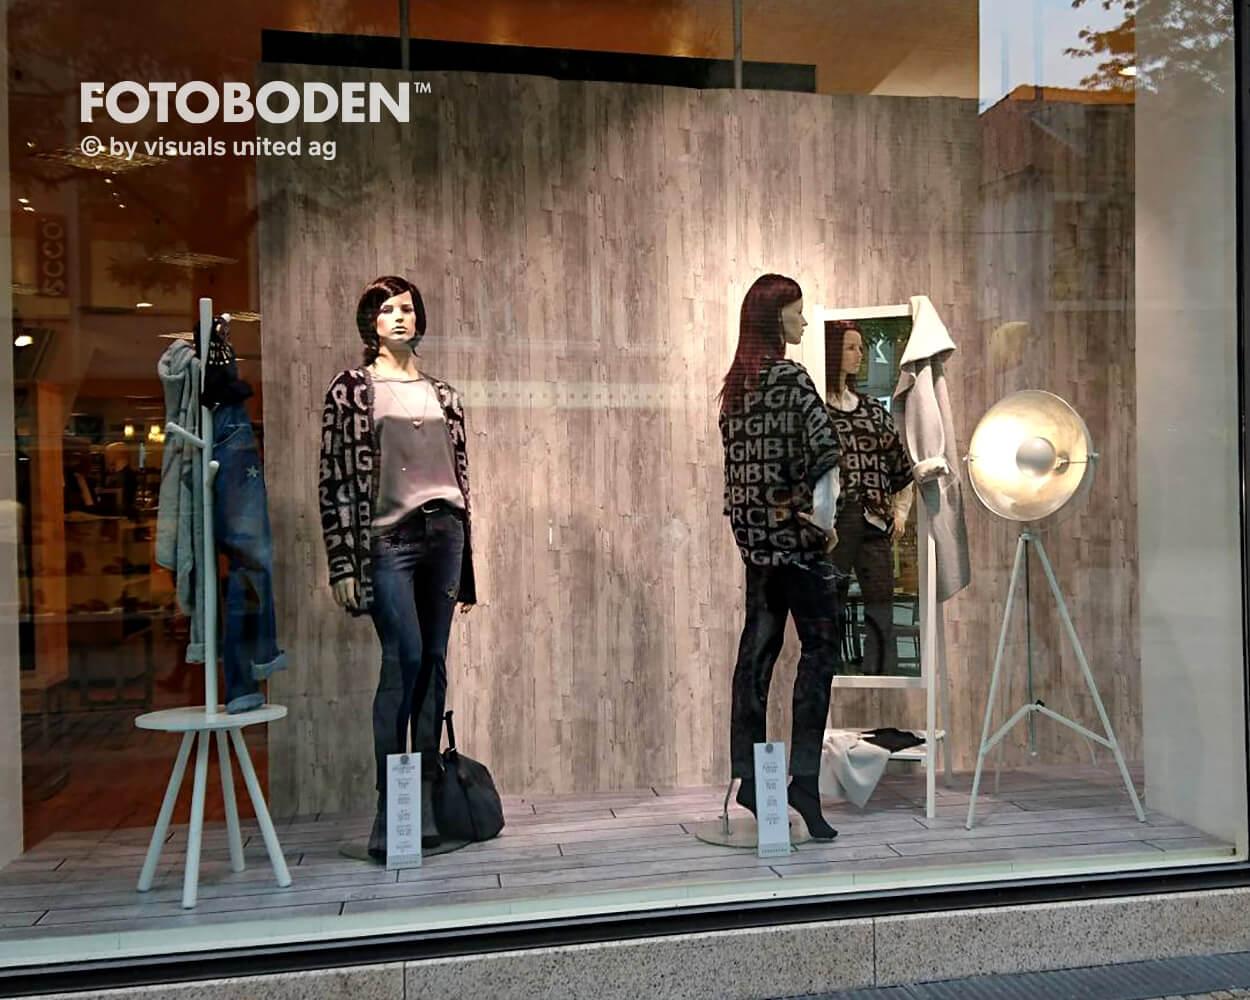 Schaufensterdekoration Fotoboden Schaufenstergestaltung